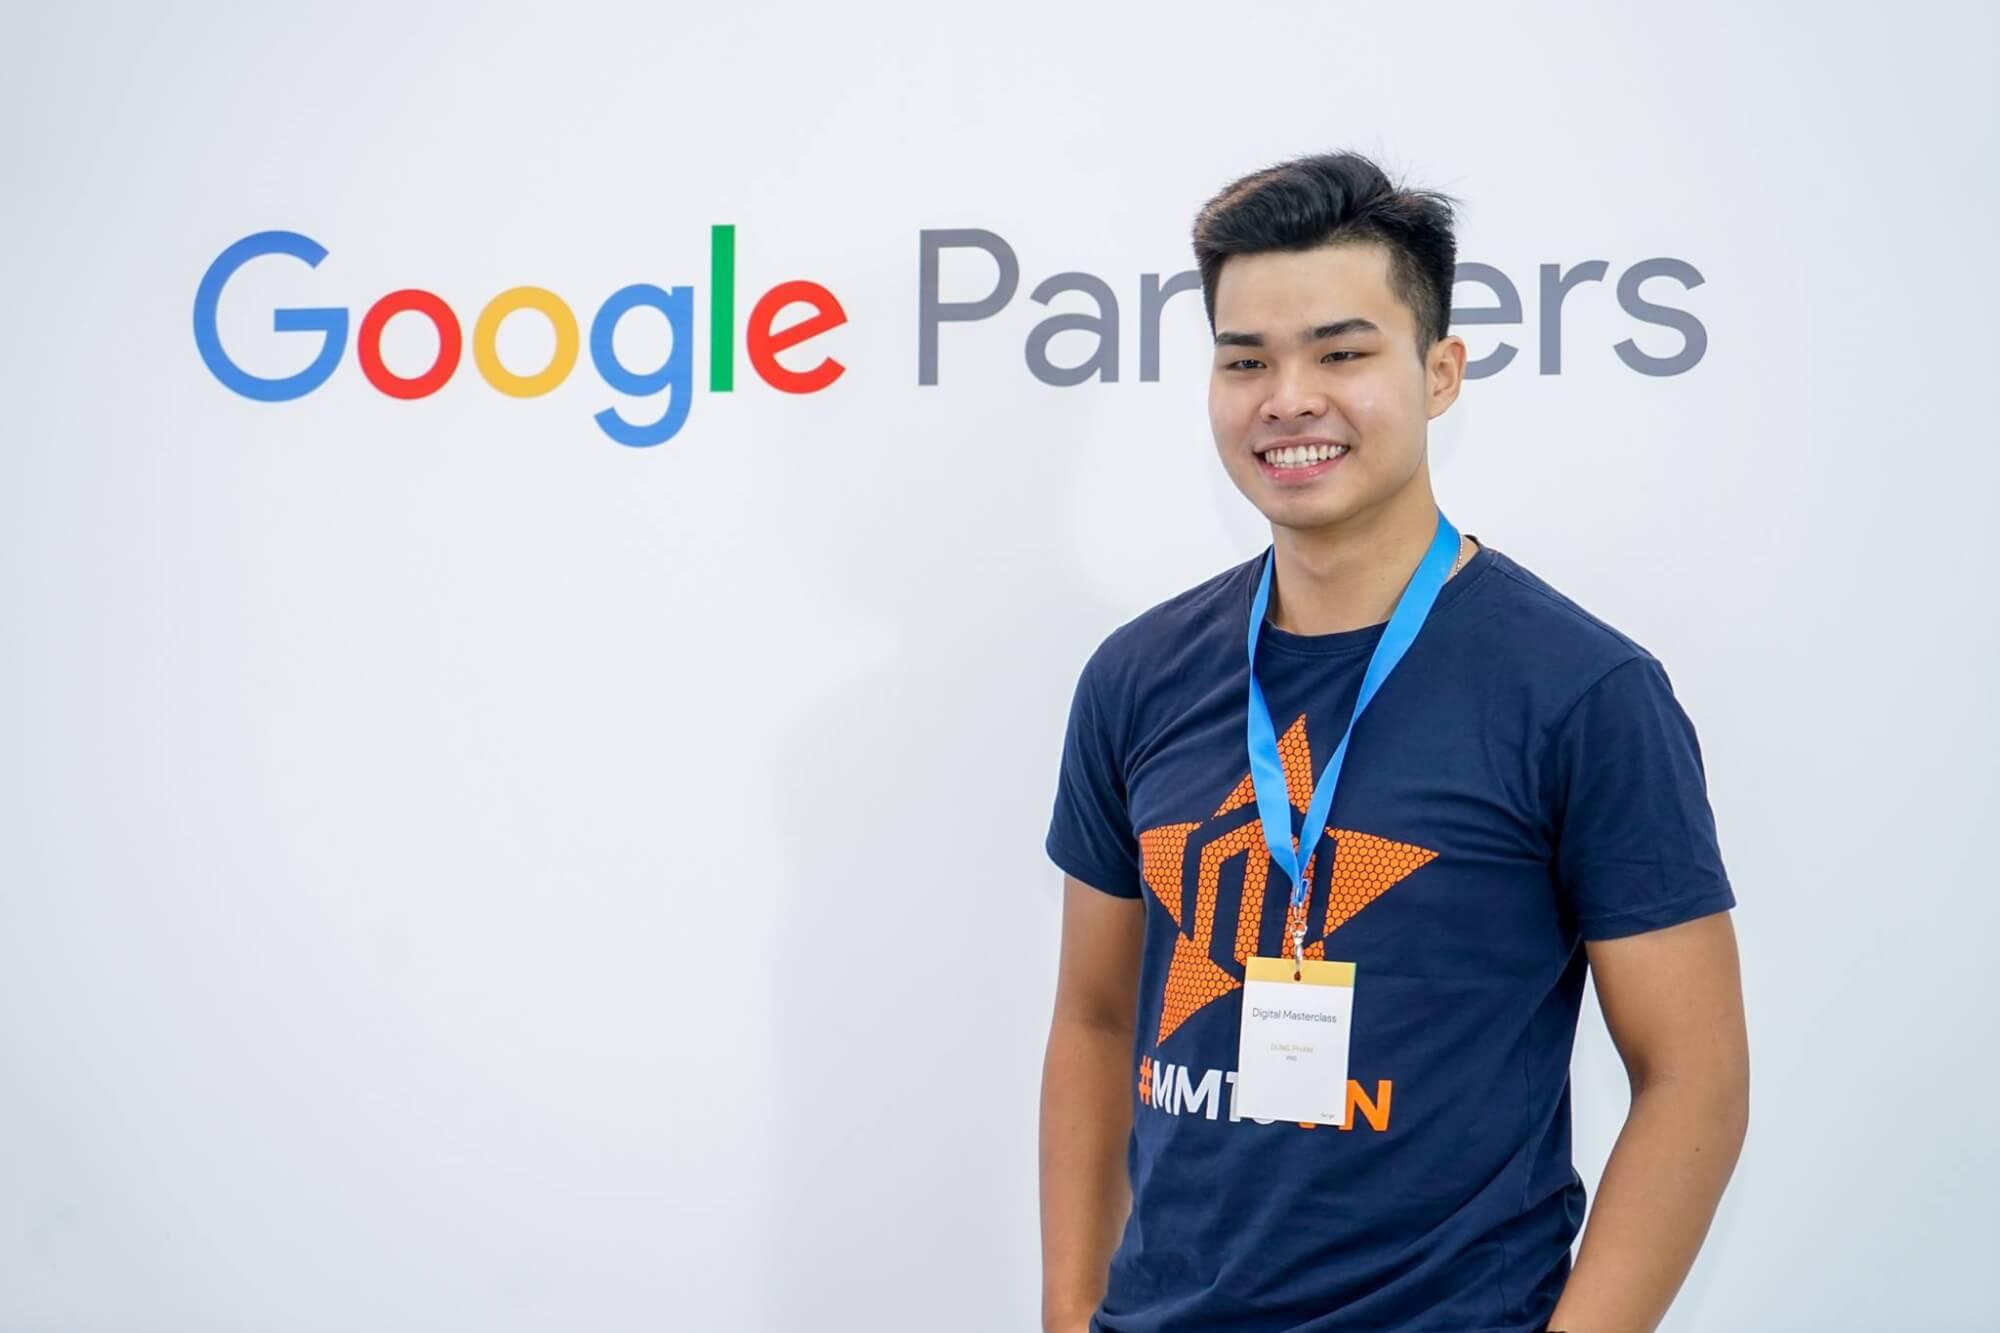 Khóa học Quảng cáo Google Shopping Bắt kịp xu hướng quảng cáo được Google ưu tiên nhất hiện nay. Mang lại đơn hàng 1 cách rẻ nhất có thể. 2